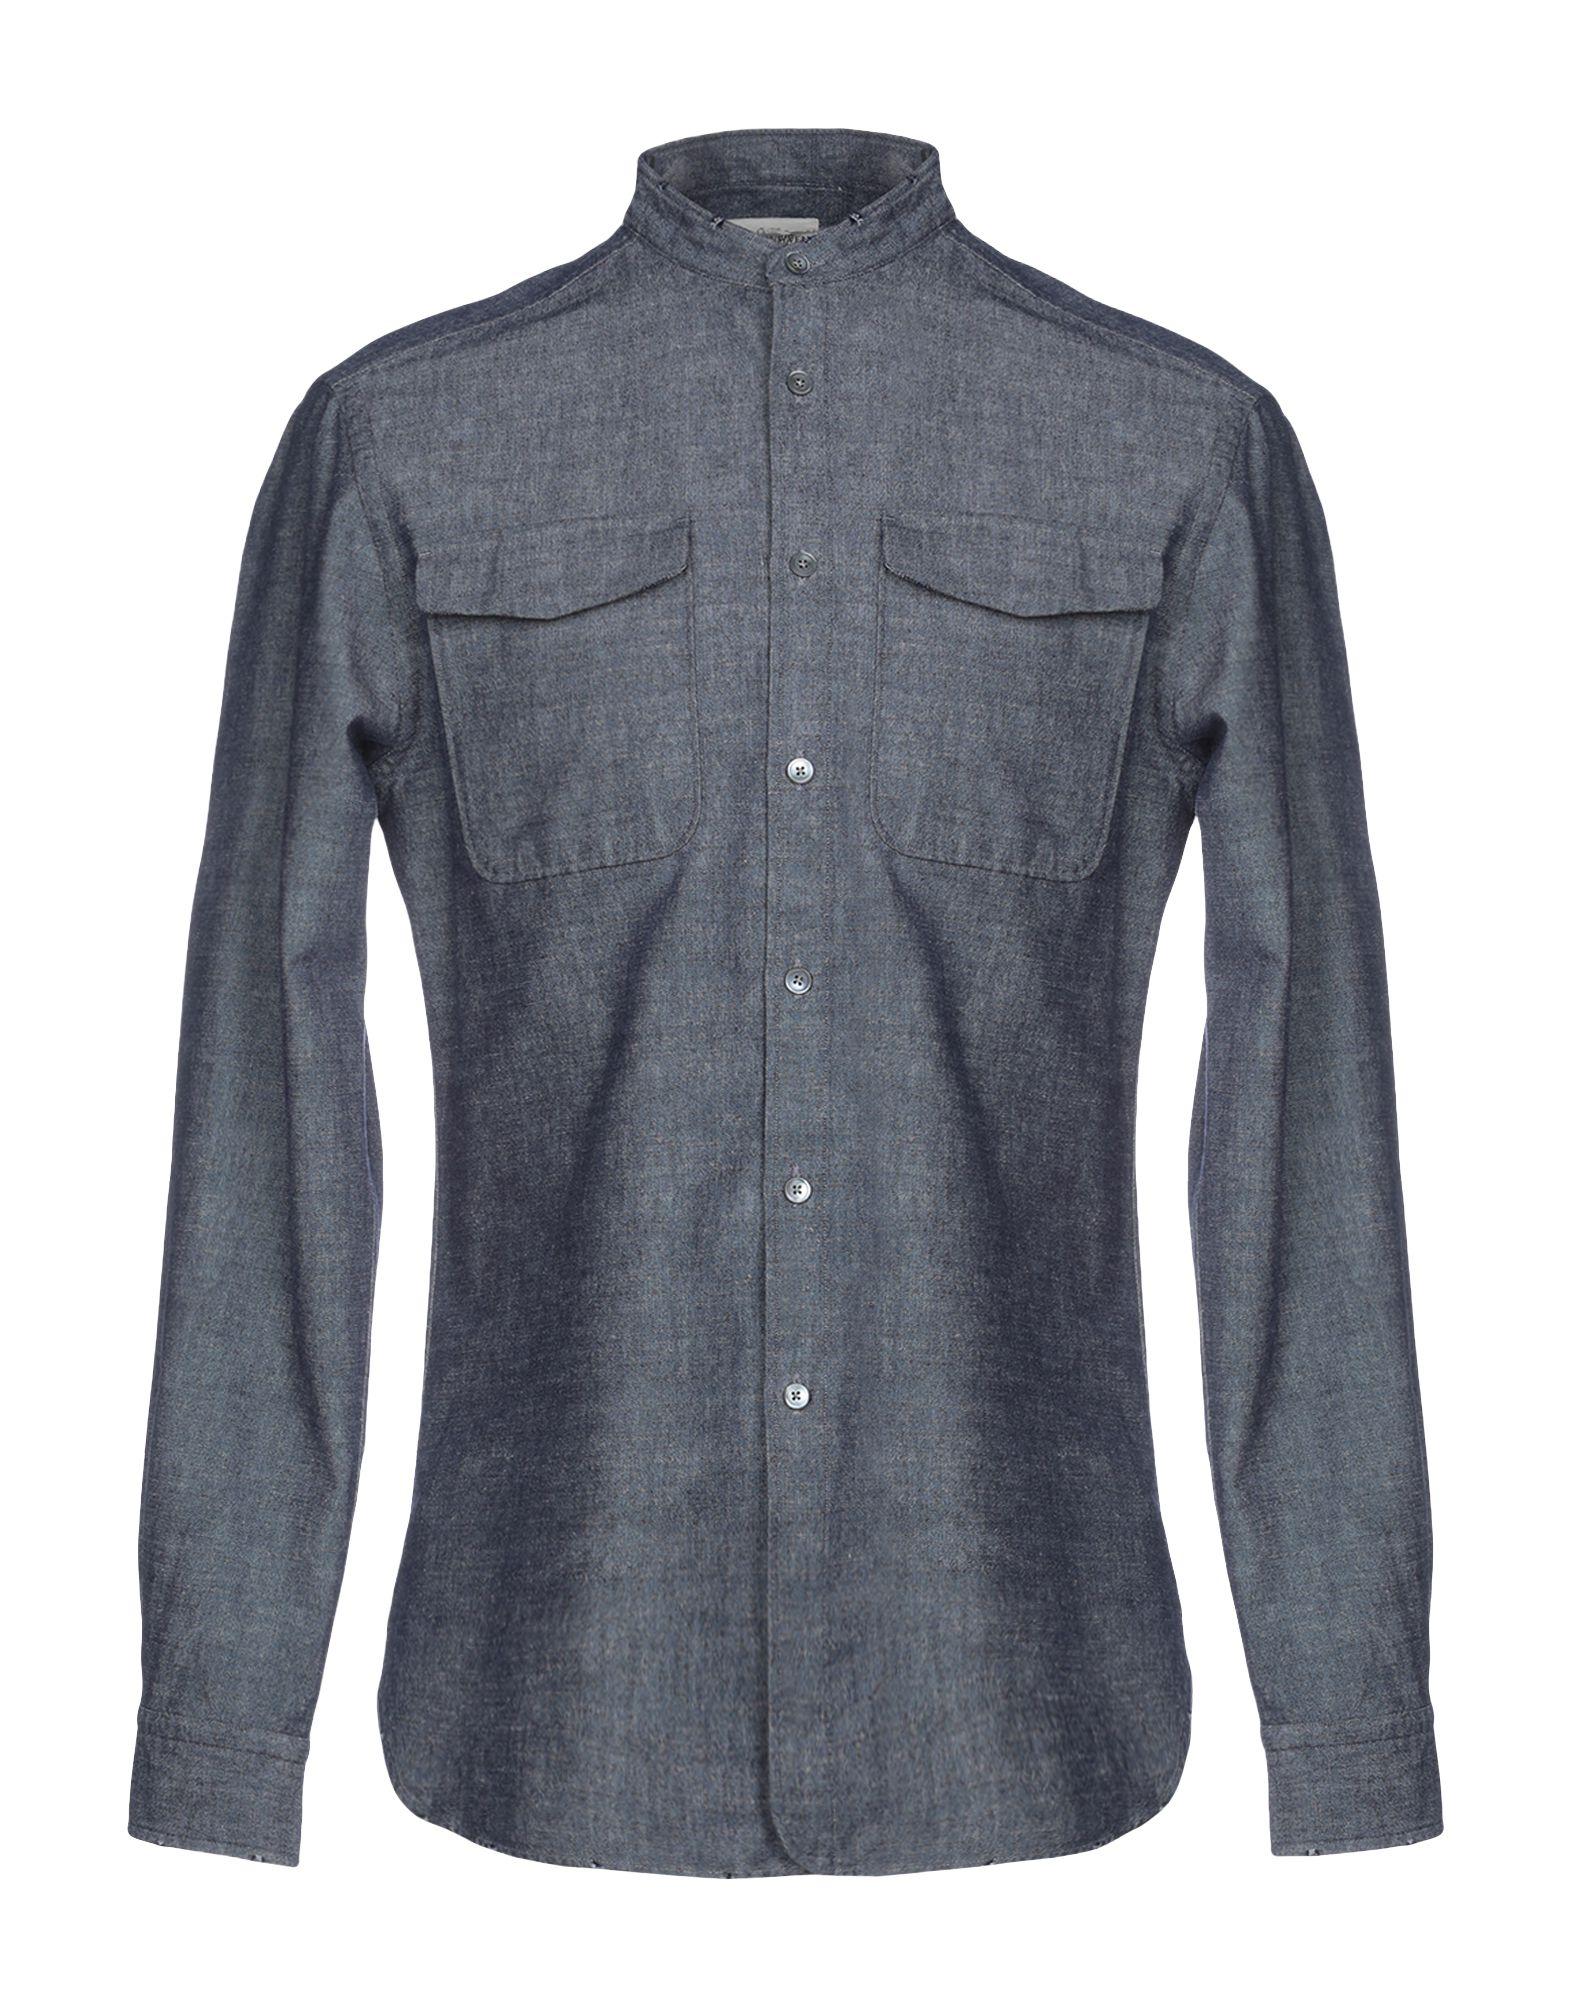 《送料無料》KENT & CURWEN メンズ デニムシャツ ブルー XS コットン 100%